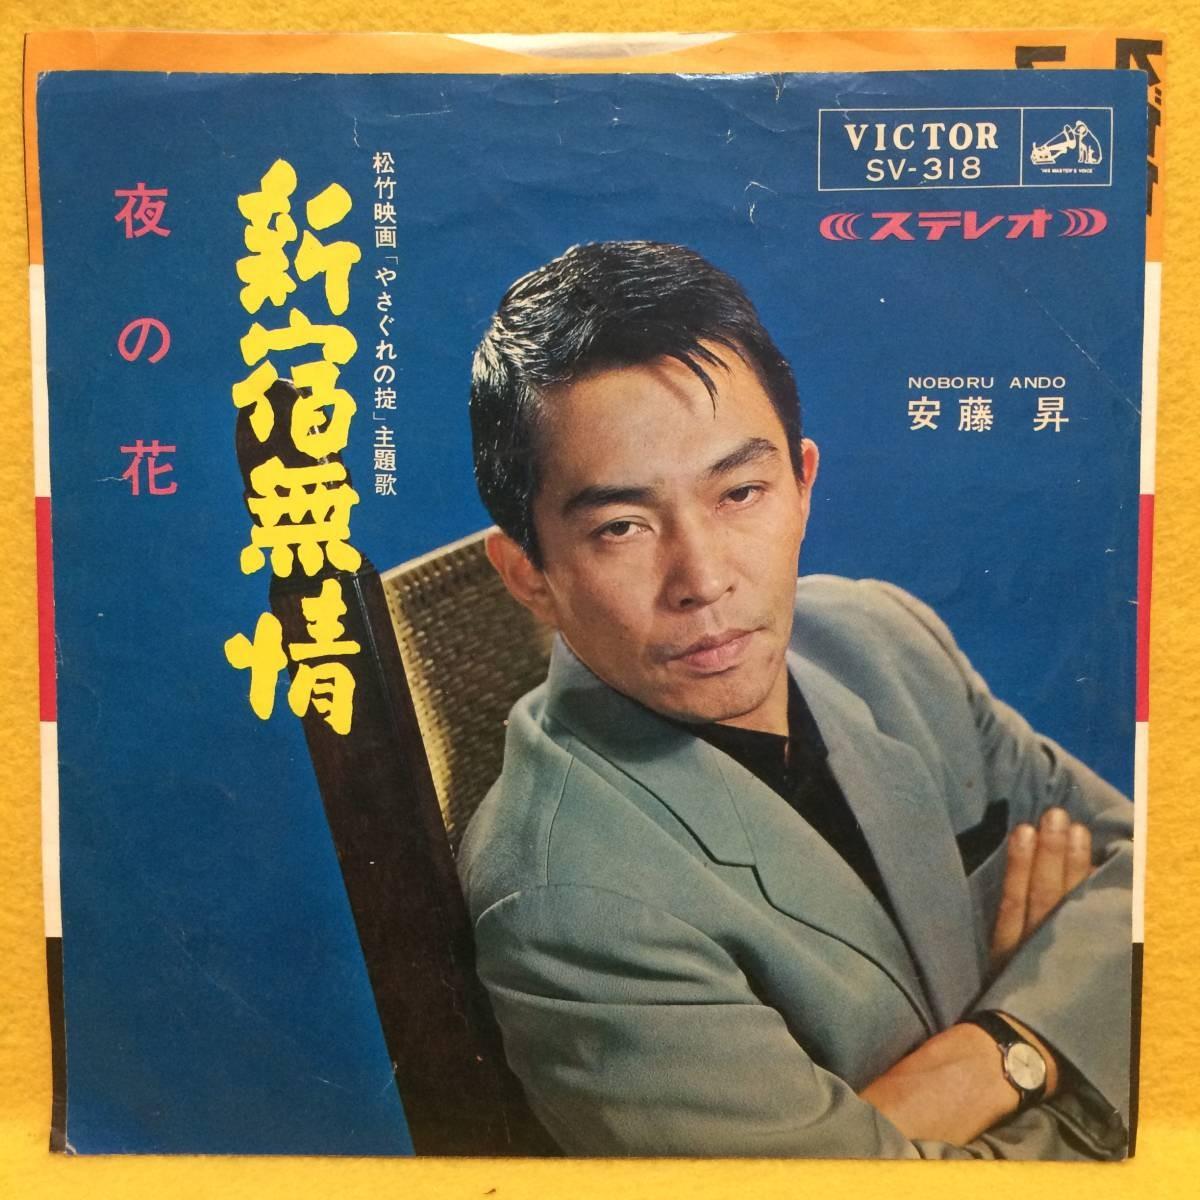 黒社会安藤组创始人&初代目组长安藤升,大佬还有着一个歌手梦(迷惑脸)